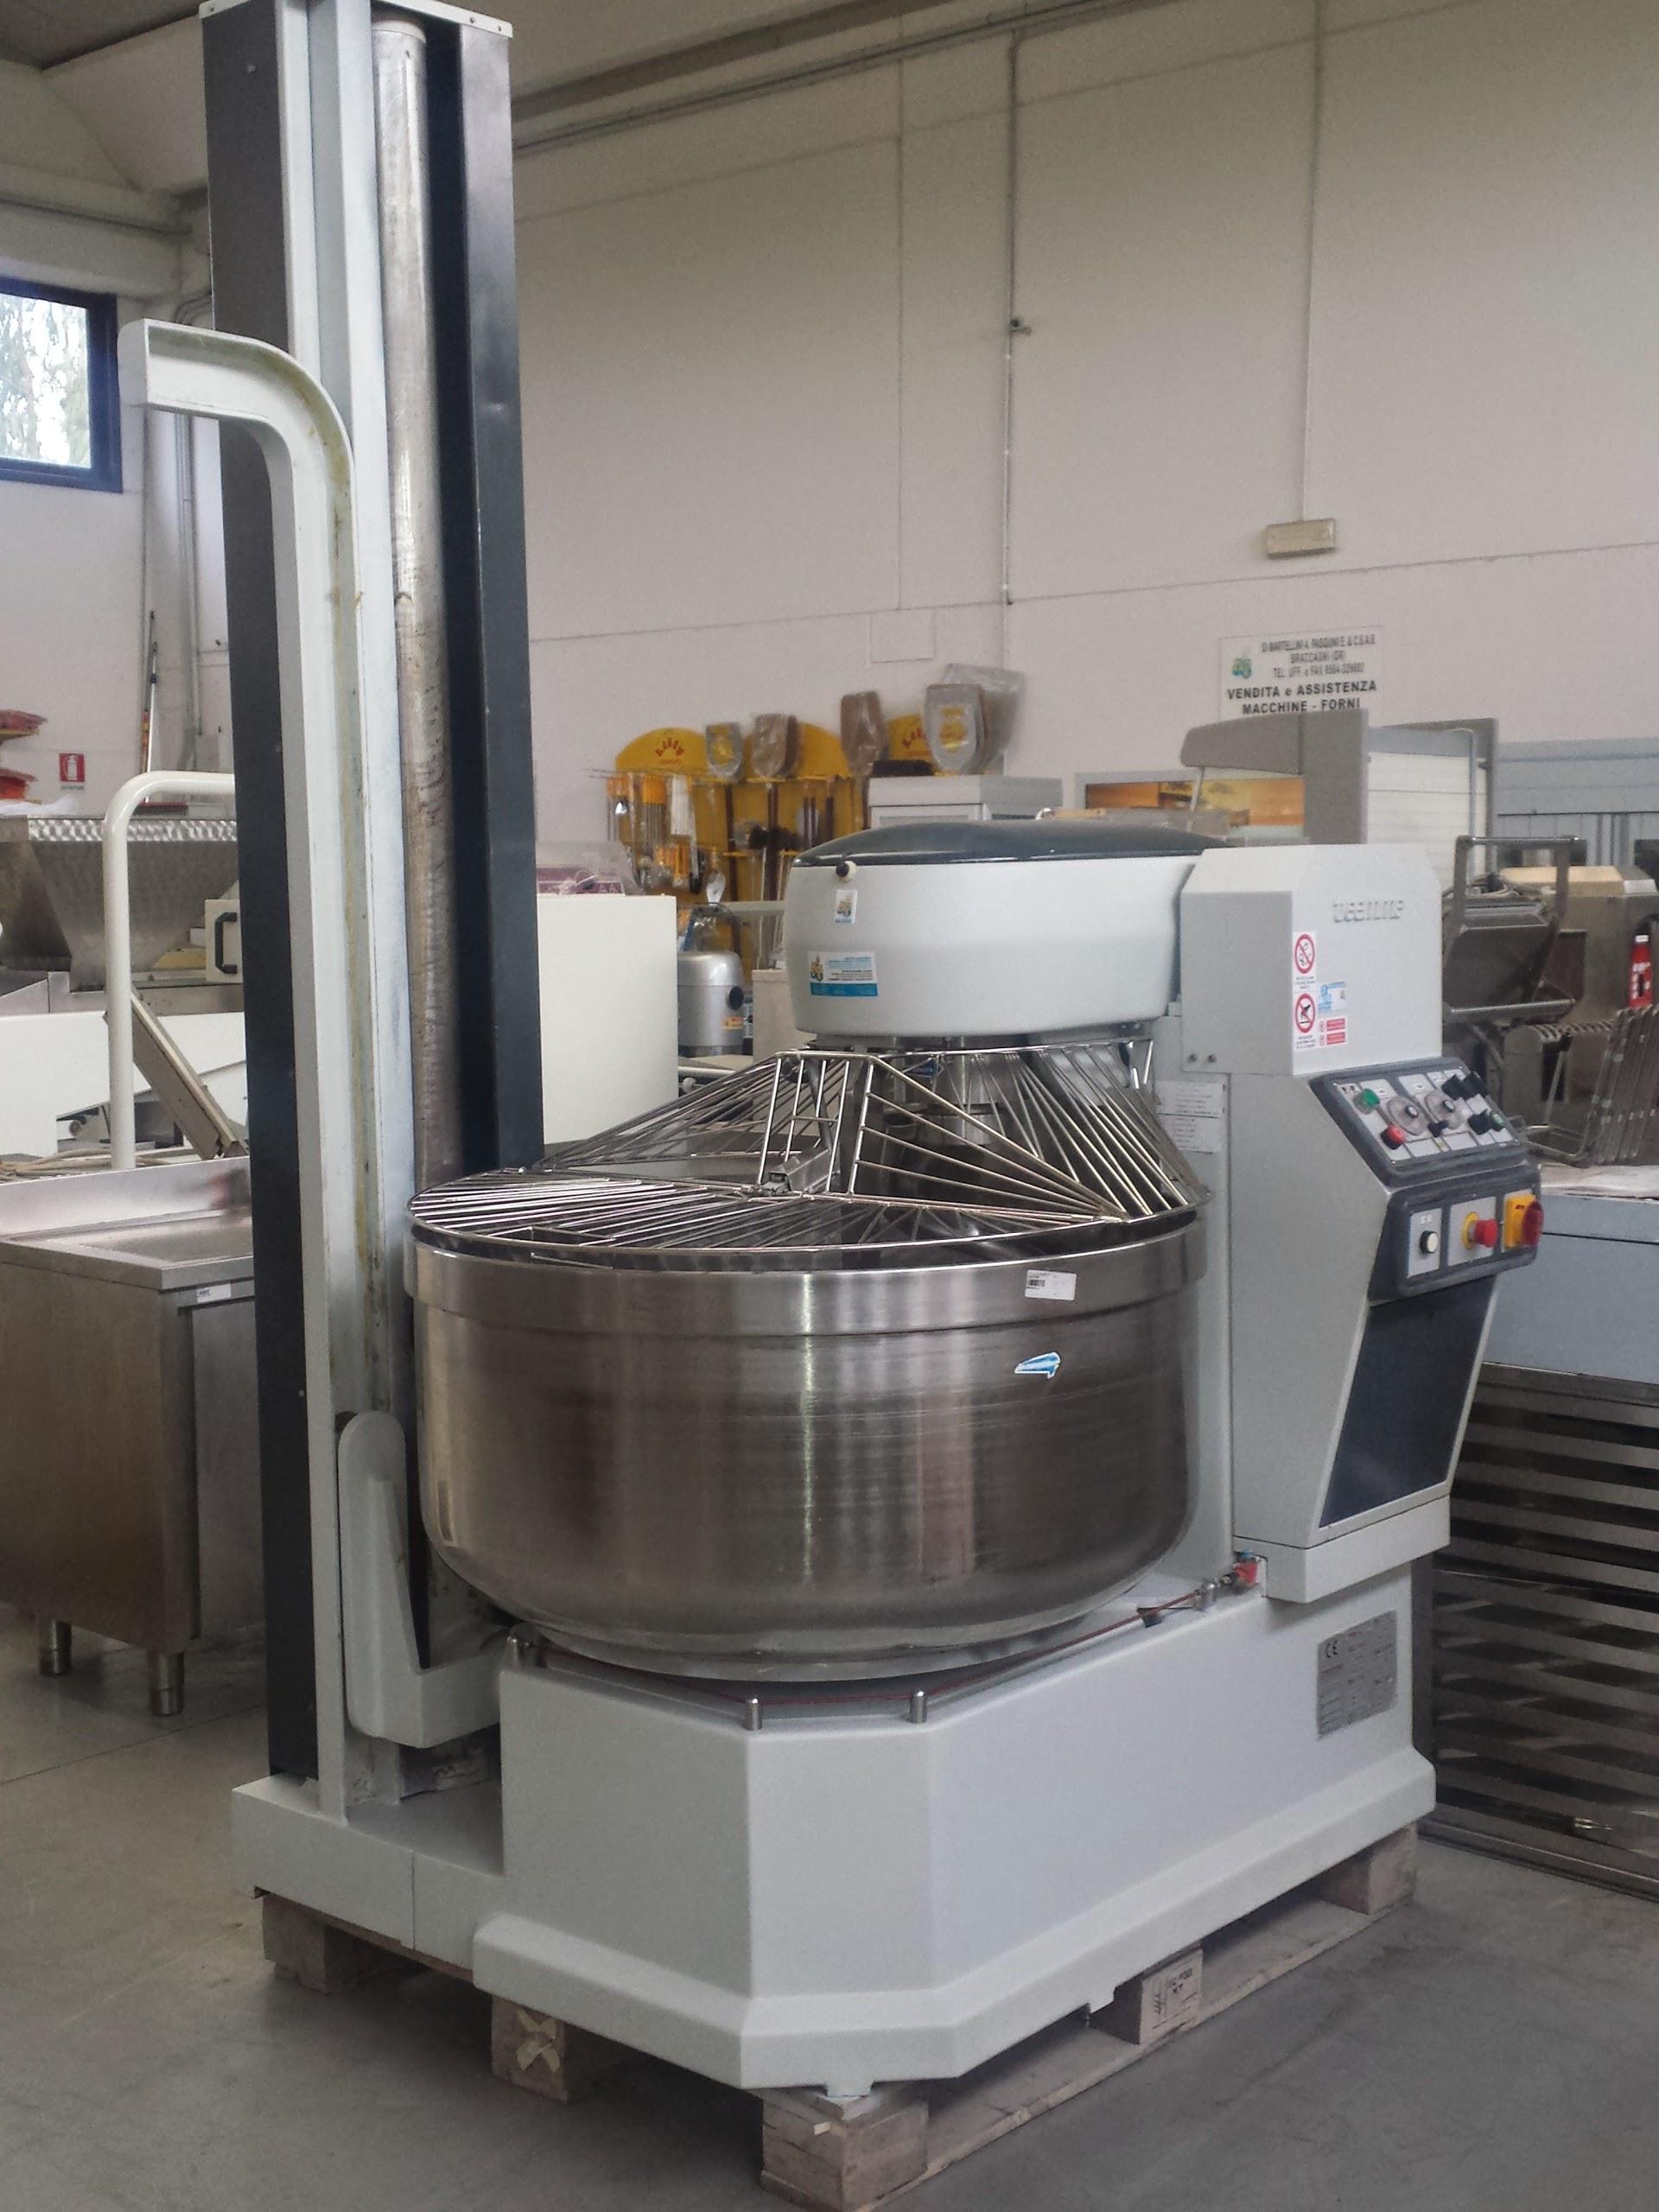 Forno rotor cucina impastatrice per panificio usata for Compro arredamento usato